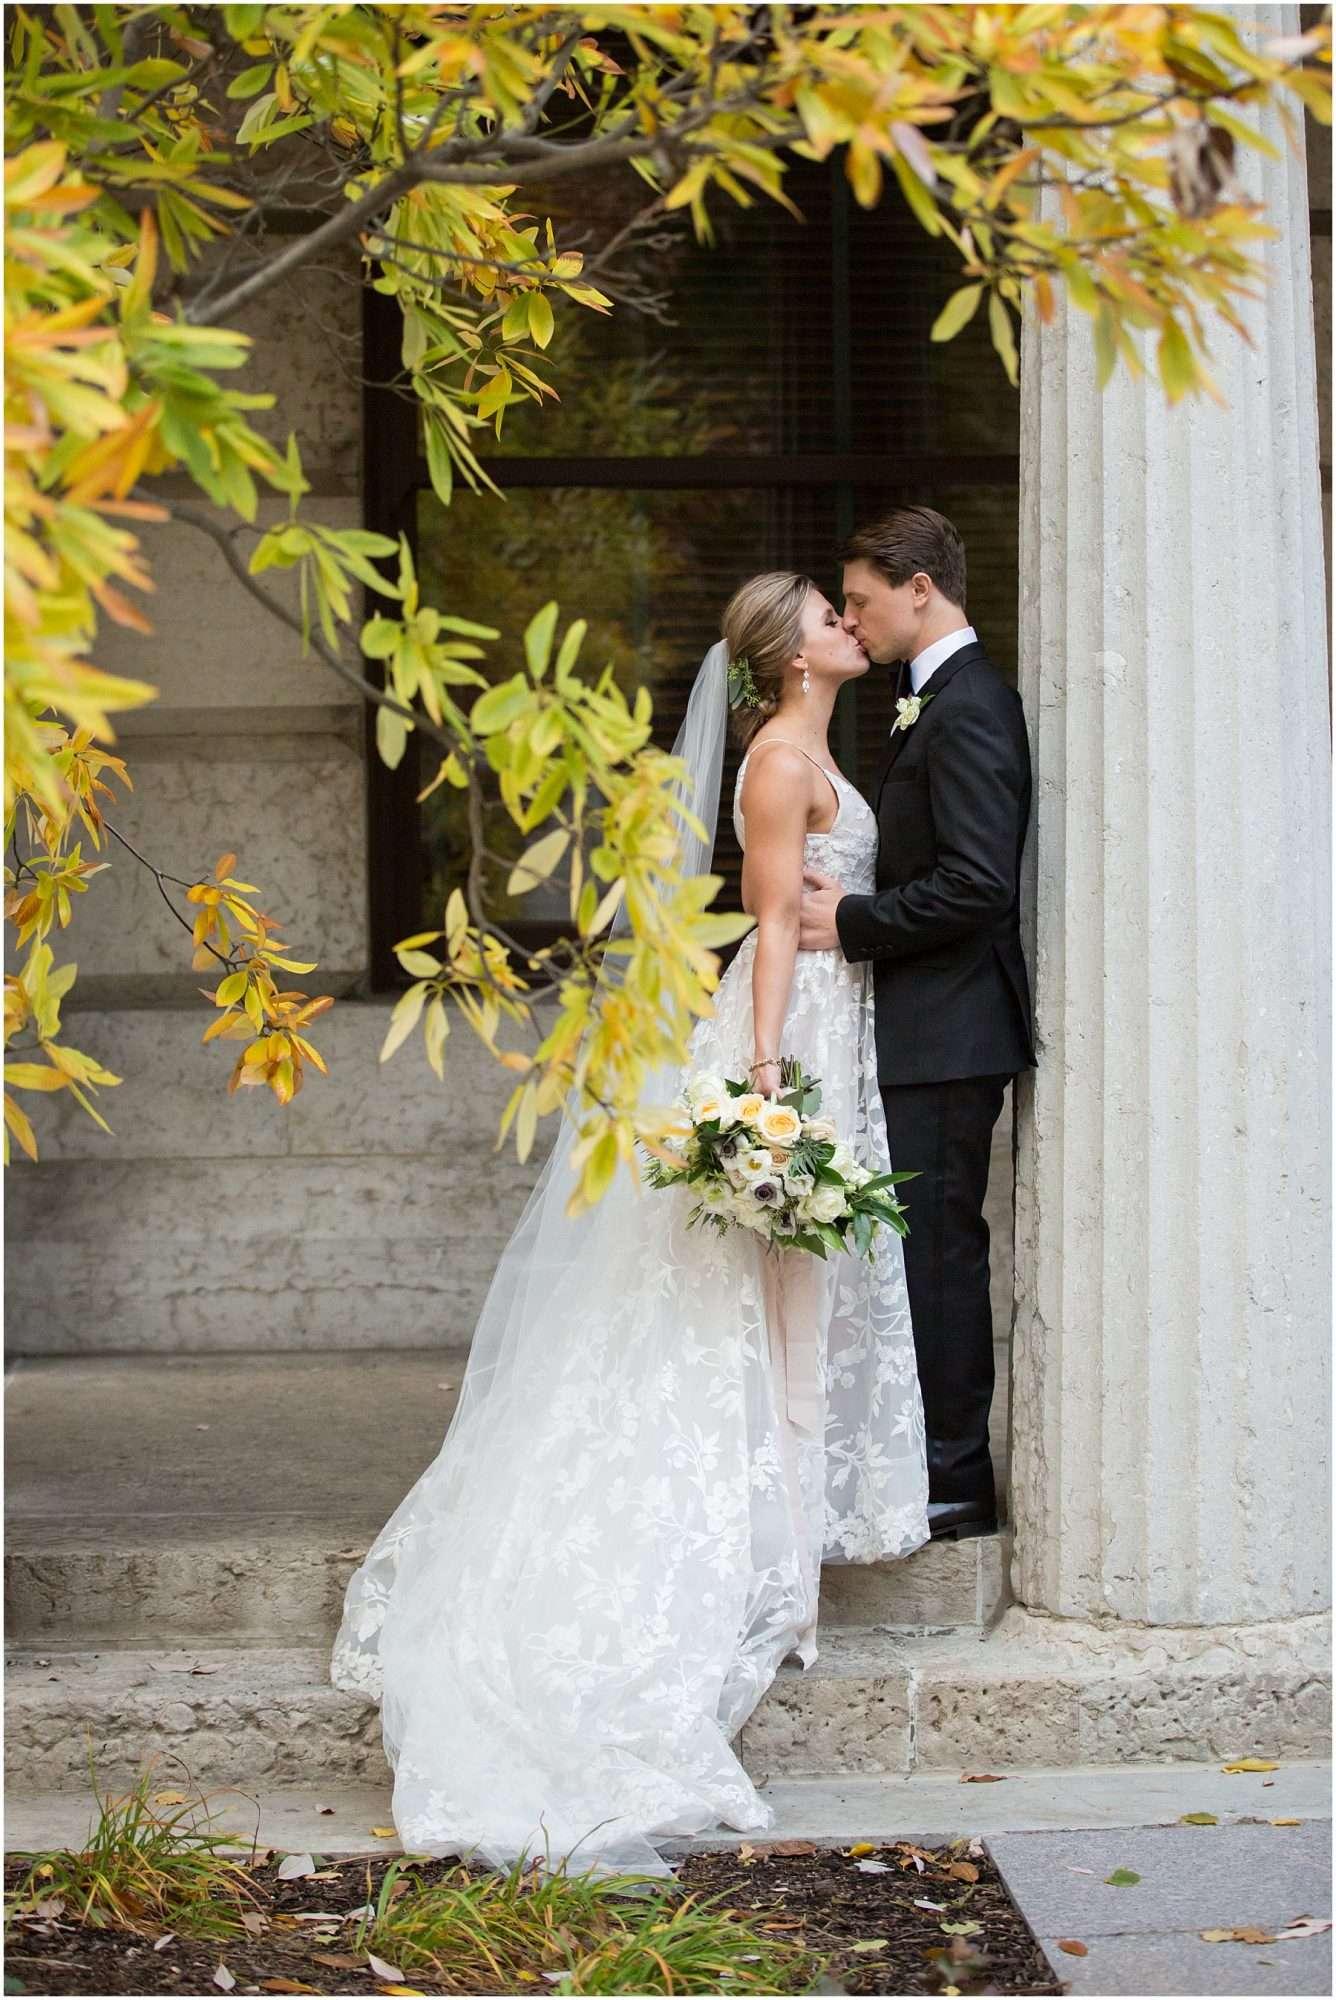 Wedding at the Ohio Statehouse | Columbus Ohio Weddings 146